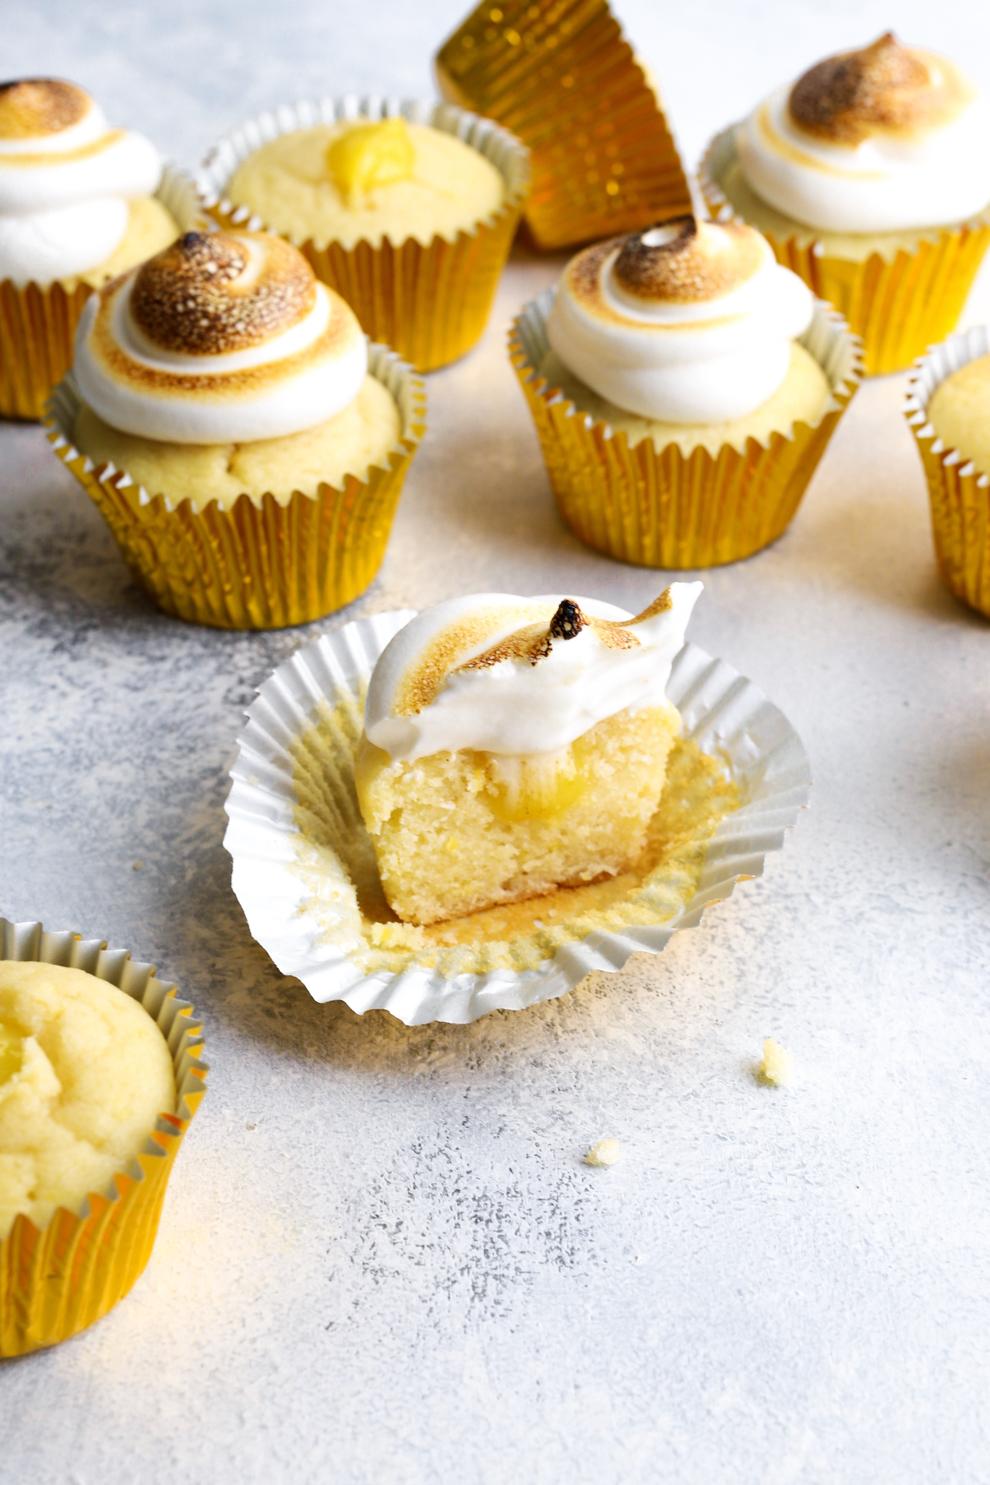 Saffron & Lemon Meringue Cupcakes